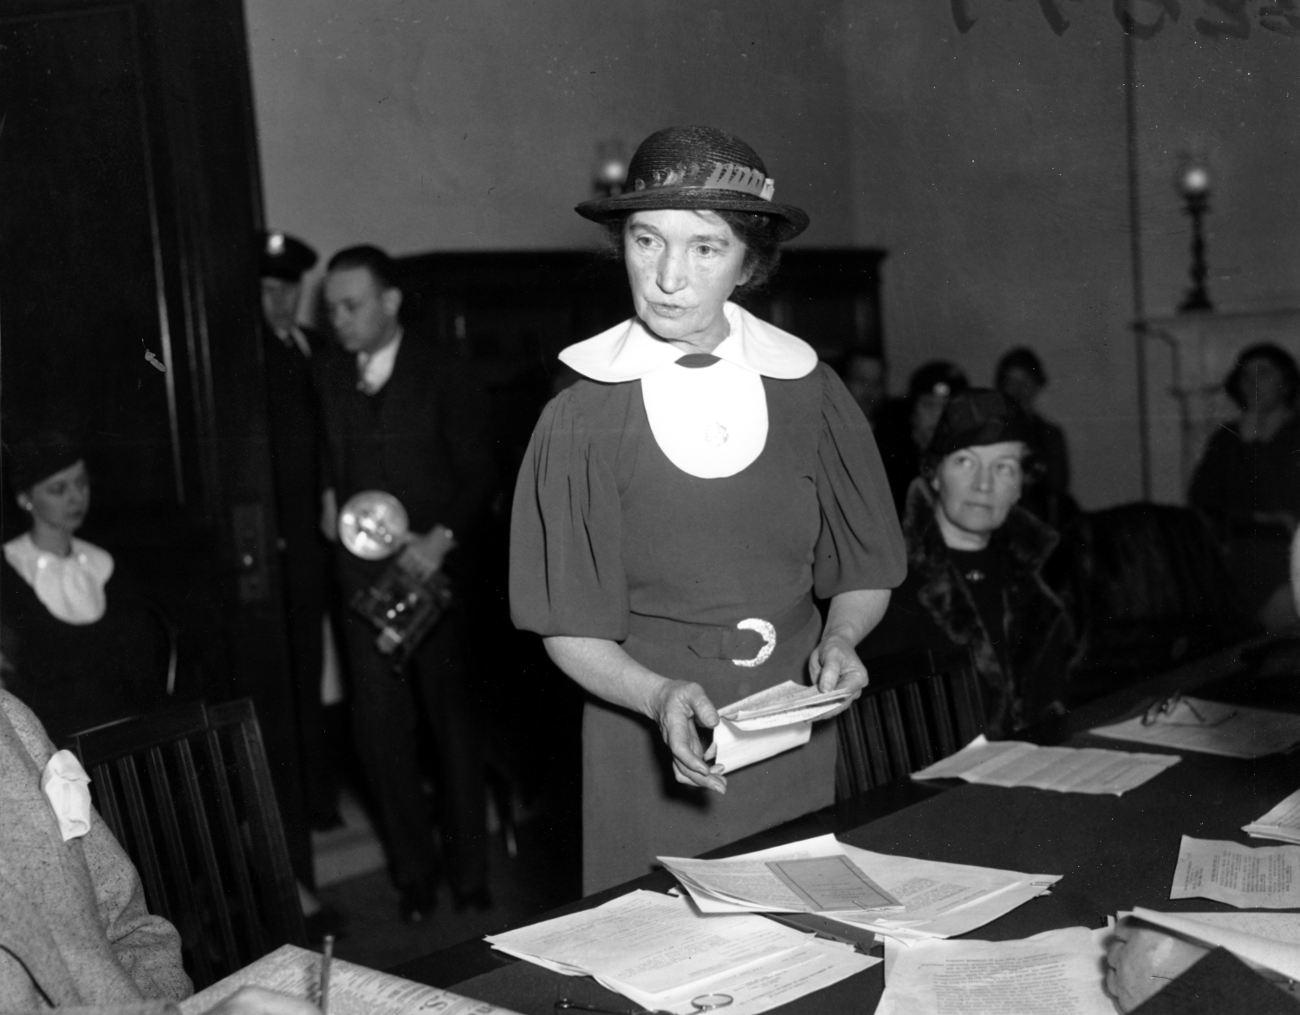 Η Μάργκαρετ Σέινγκερ σε με καπέλο και φαρδύ γιακά σε ασπρόμαυρη φωτογραφία